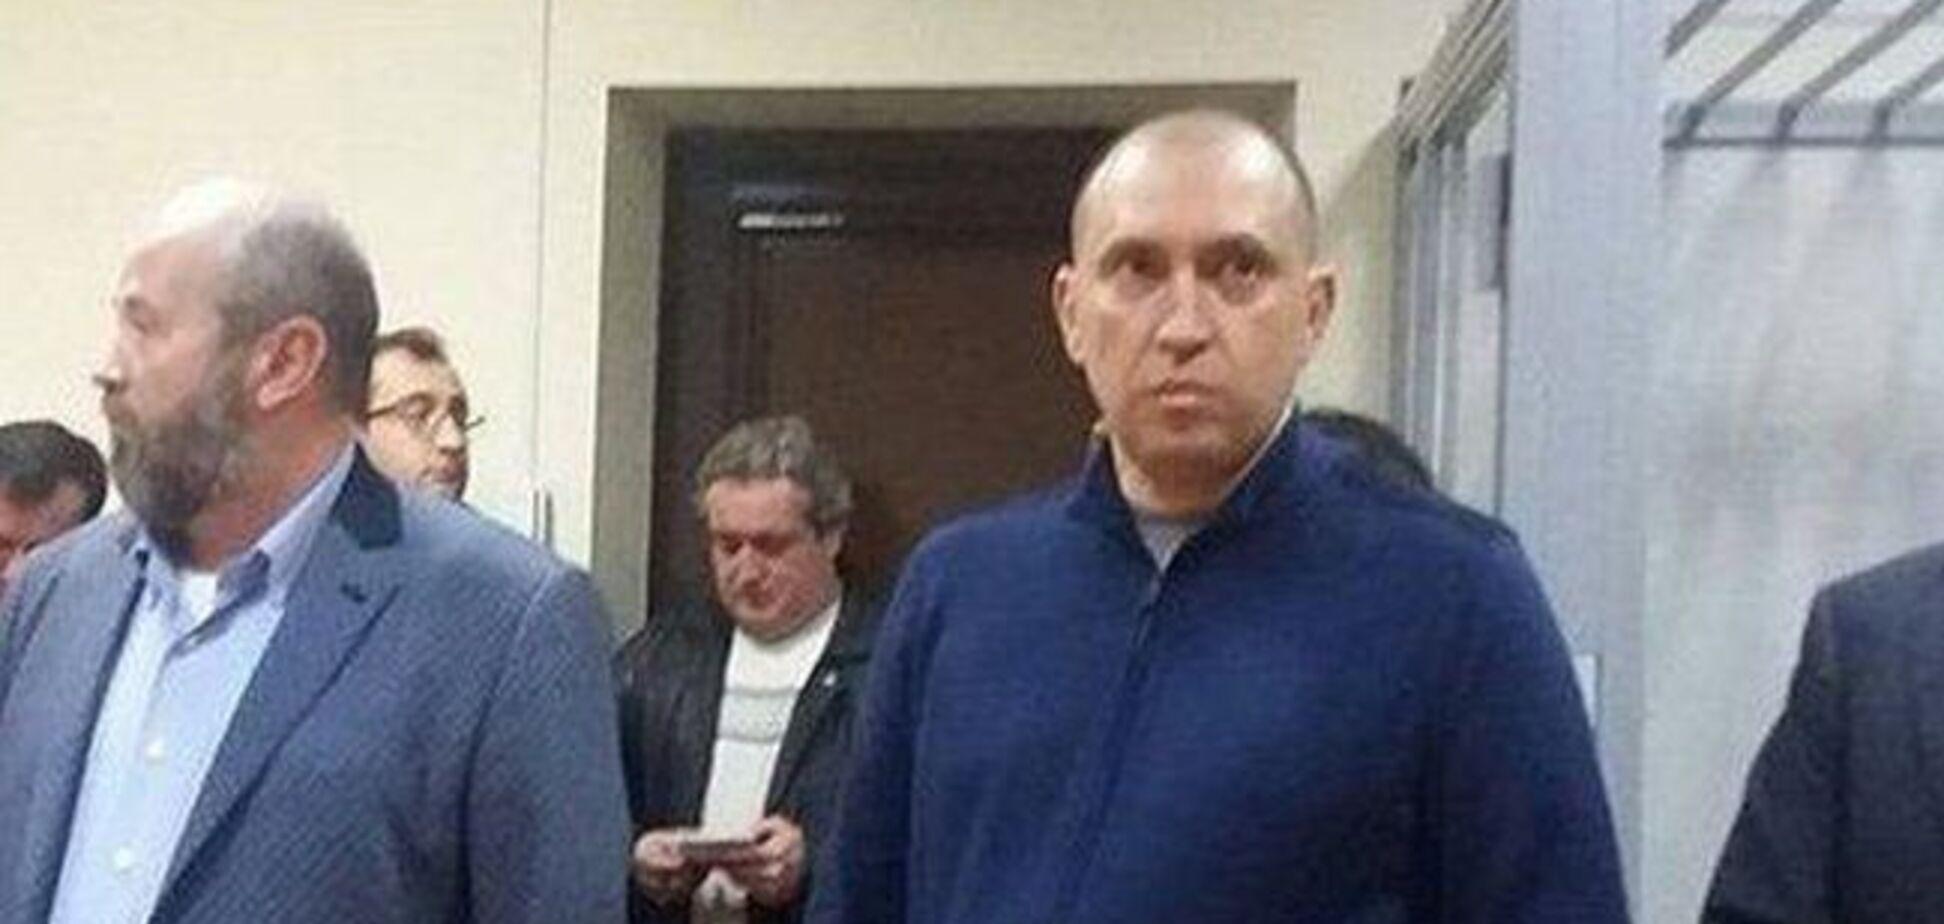 Альперін вийшов із СІЗО, заплативши 70 млн грн